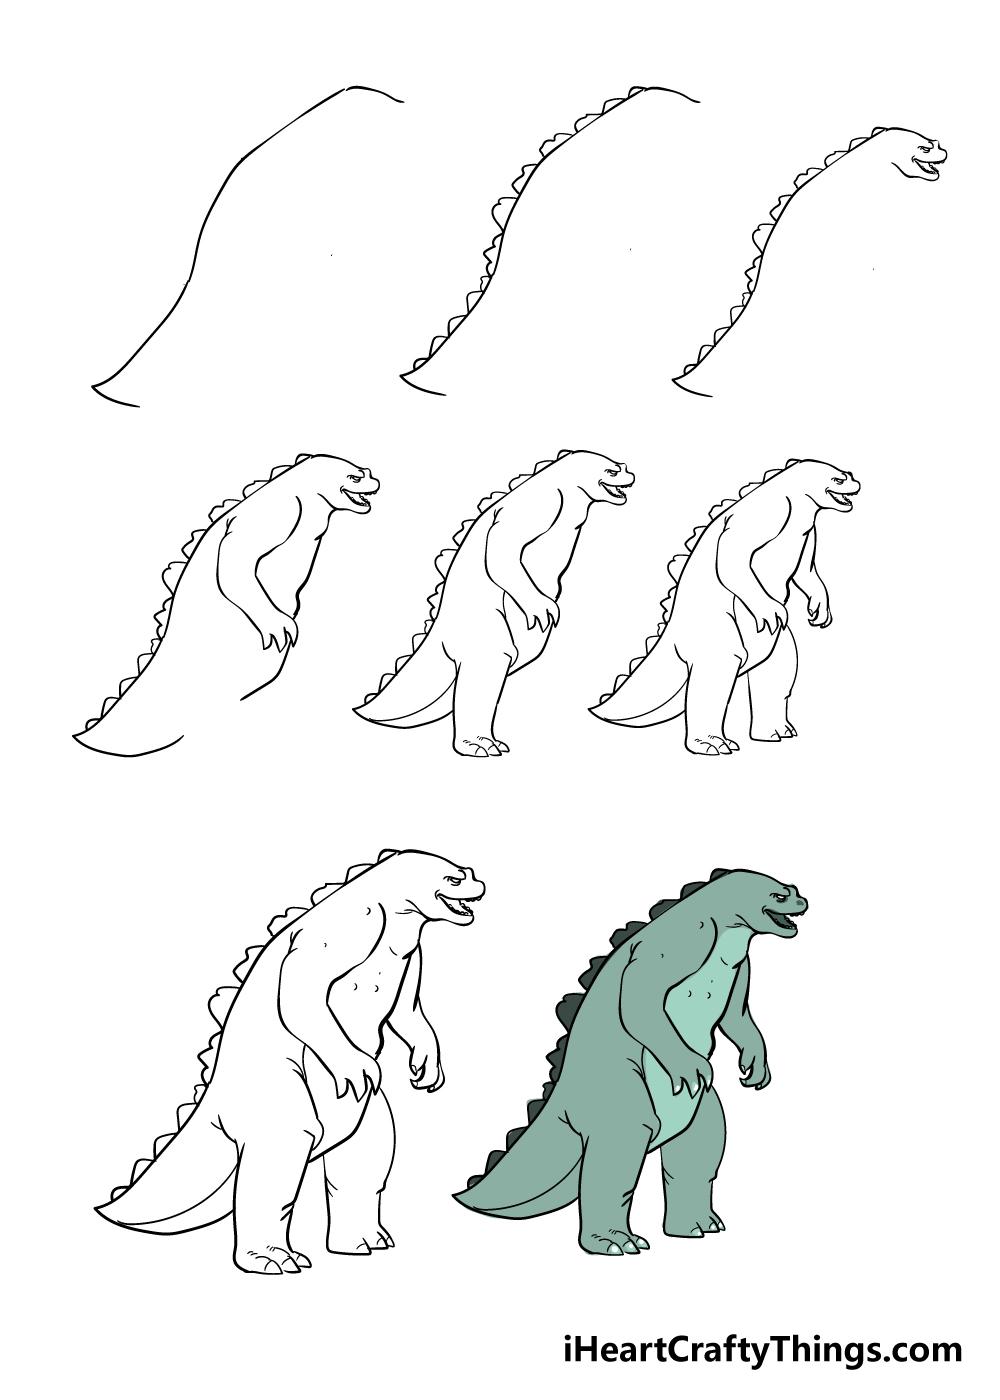 how to draw Godzilla in 8 steps